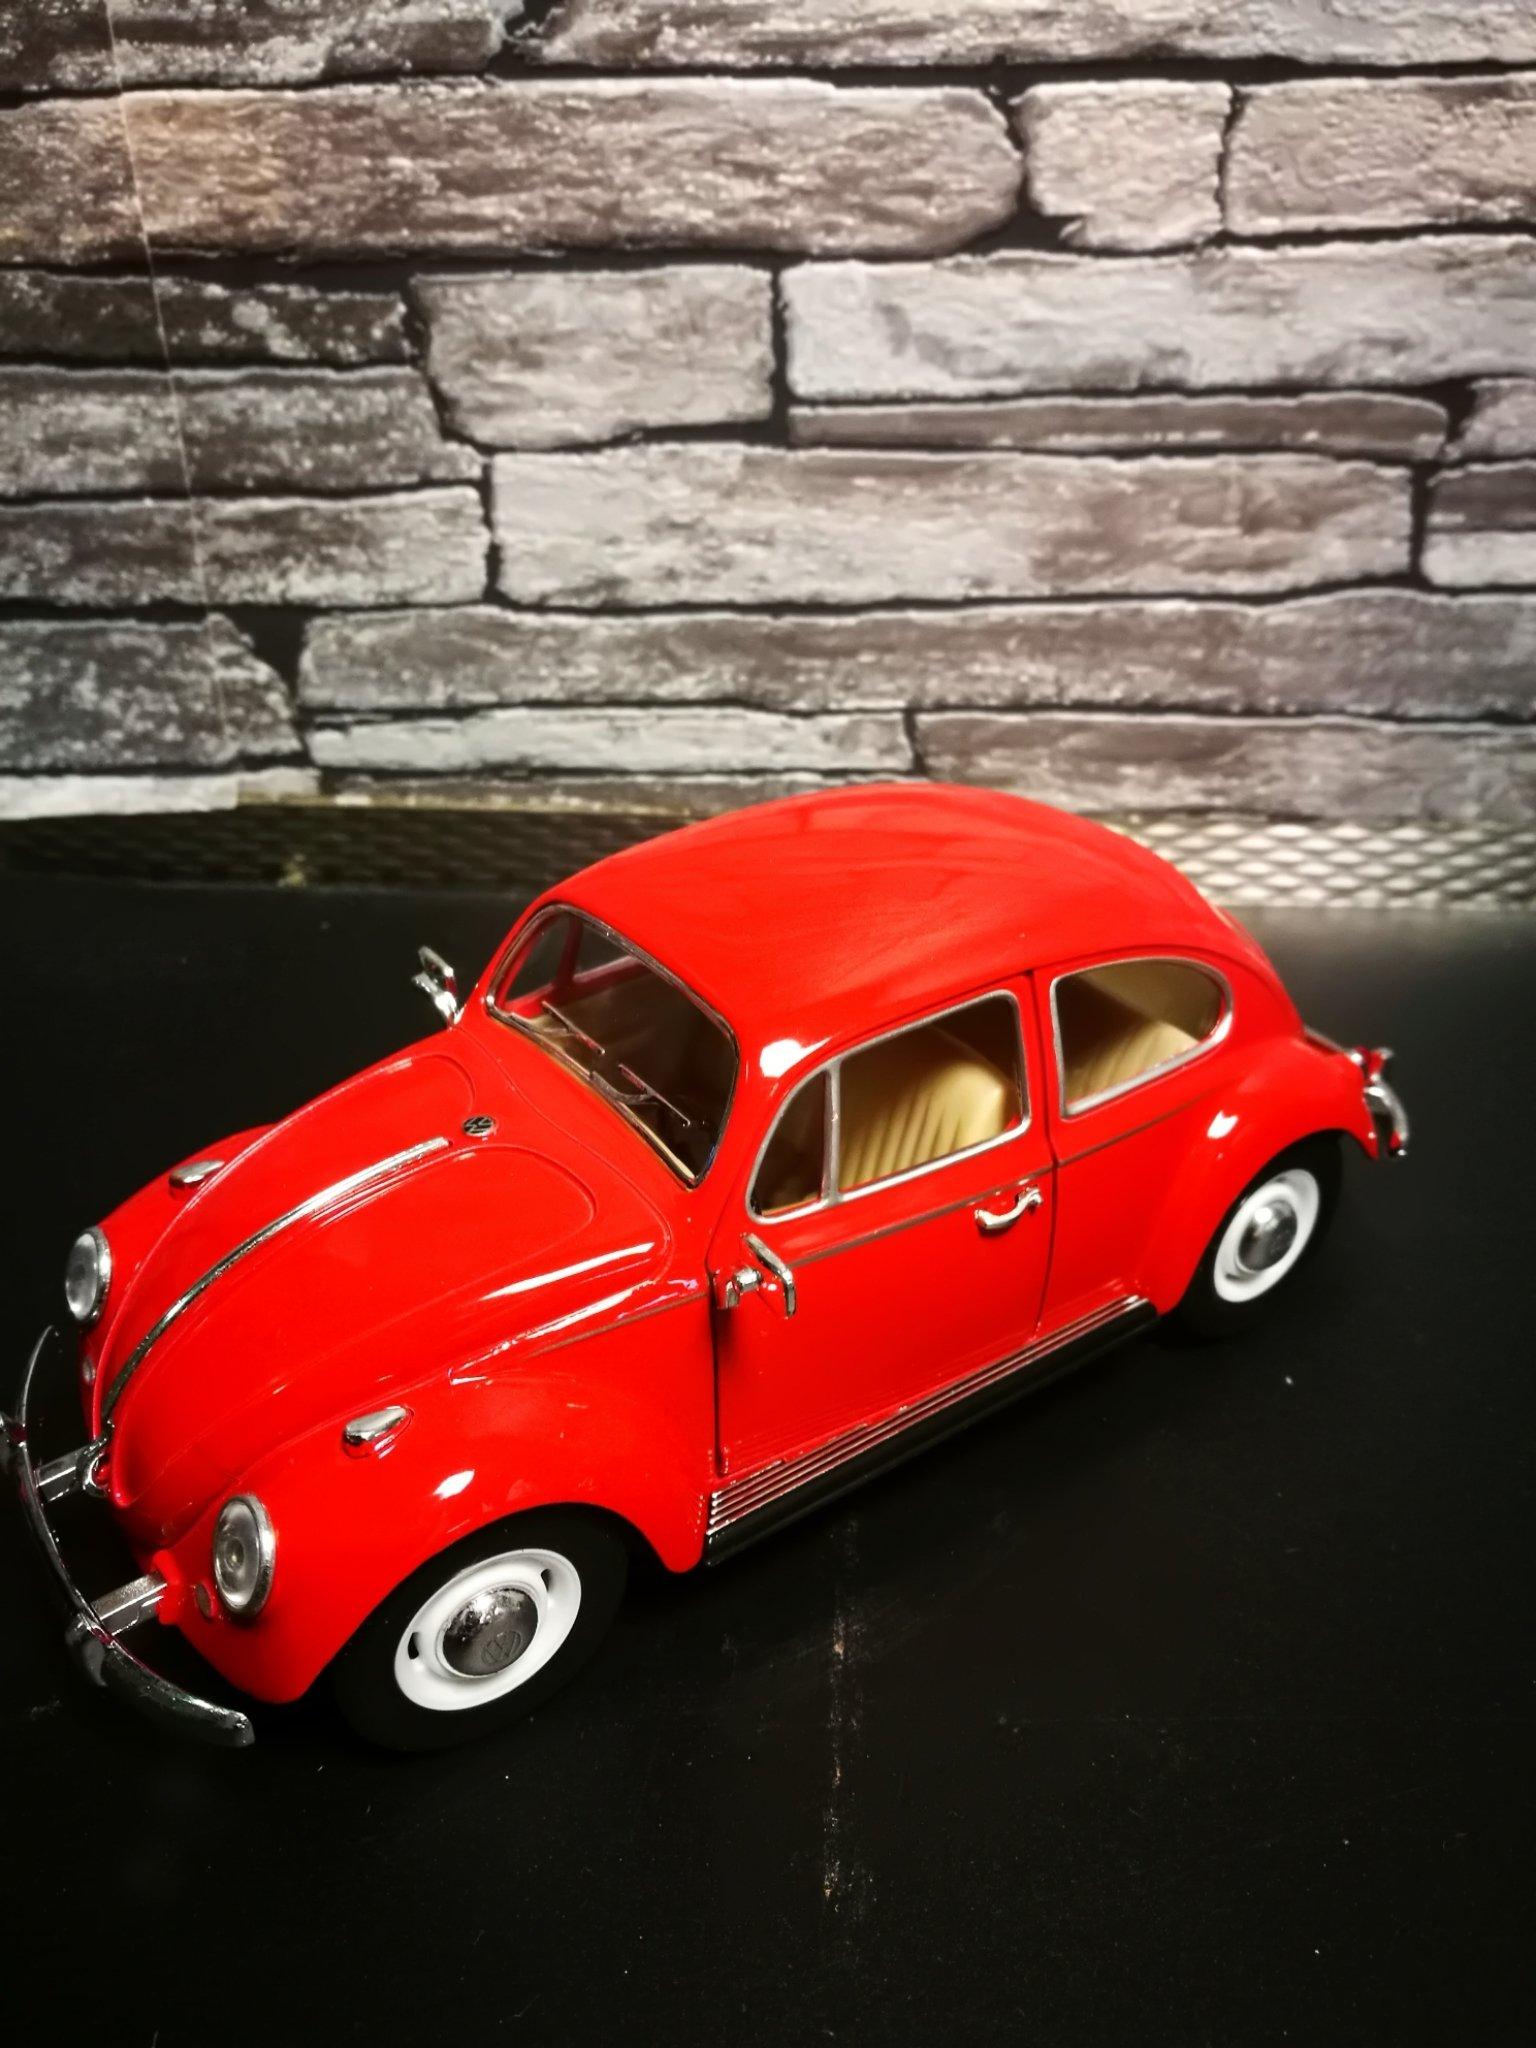 VW classic beetle 1967 01103